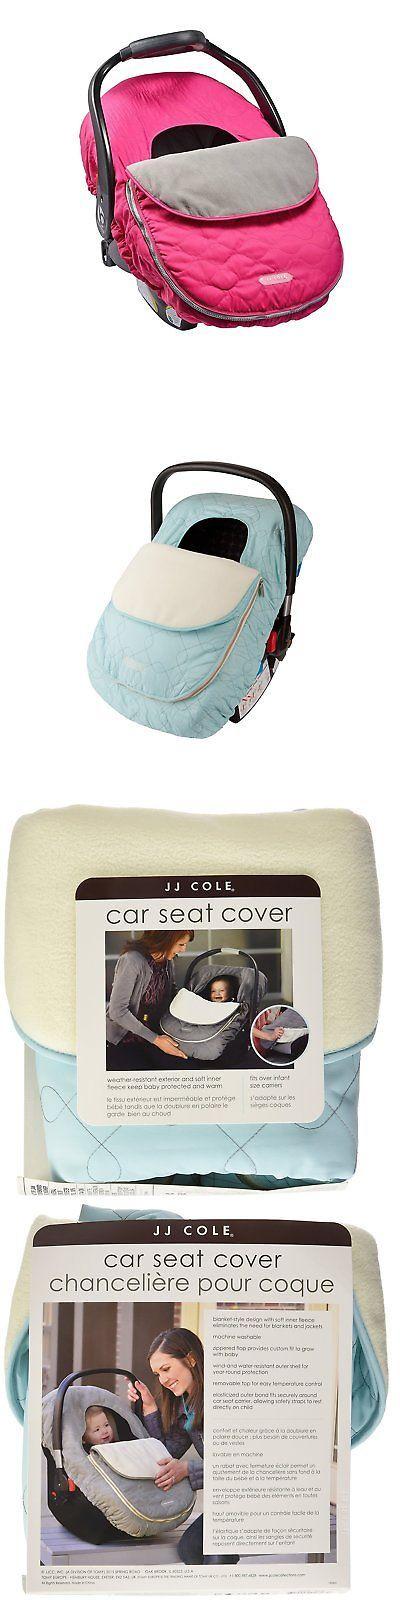 Car Safety Seats 66692 Jj Cole